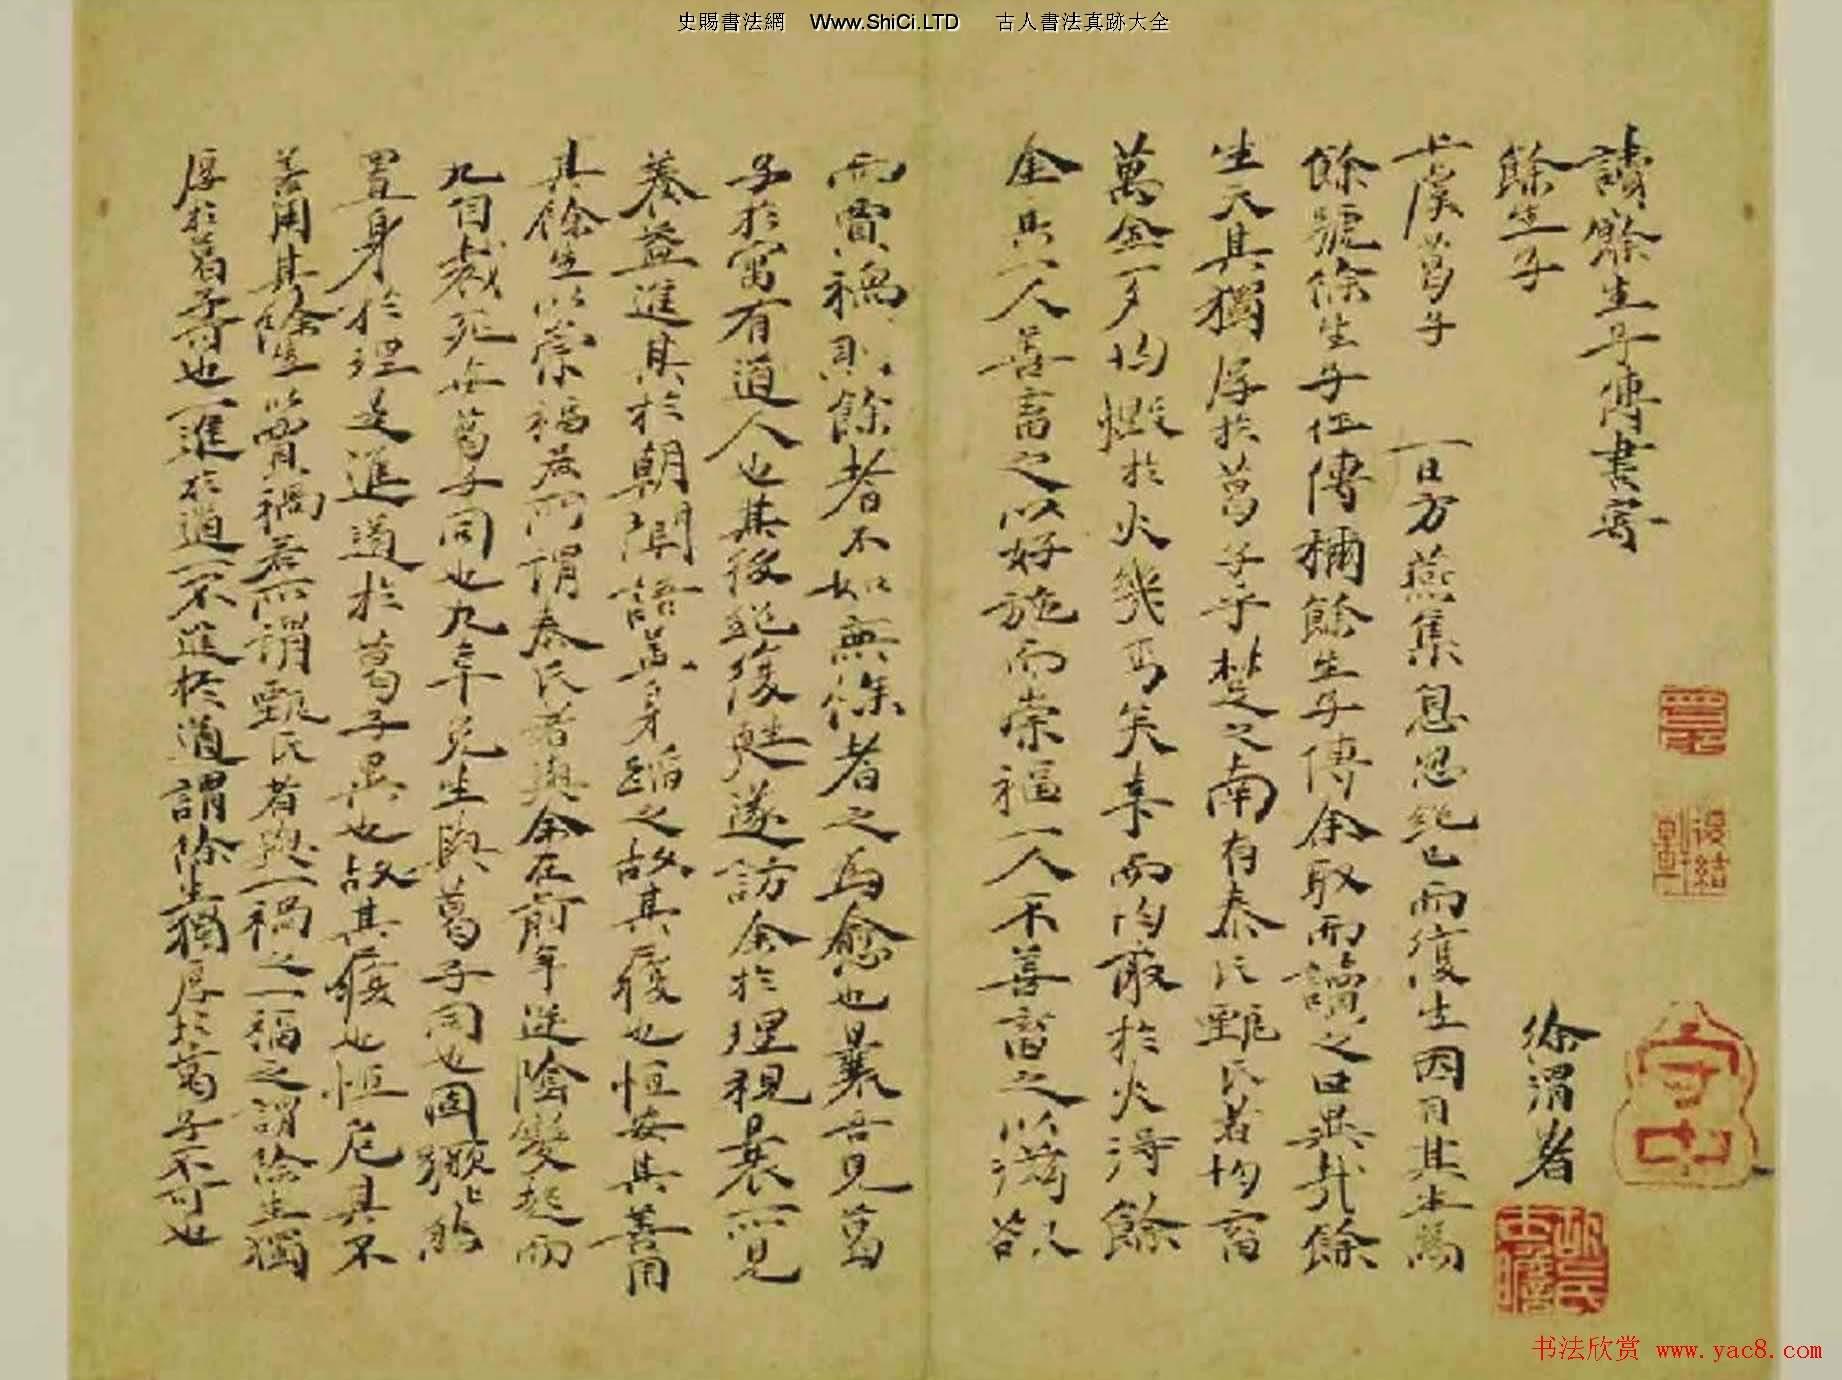 明代書畫家徐渭《自書詩文》冊(共14張圖片)